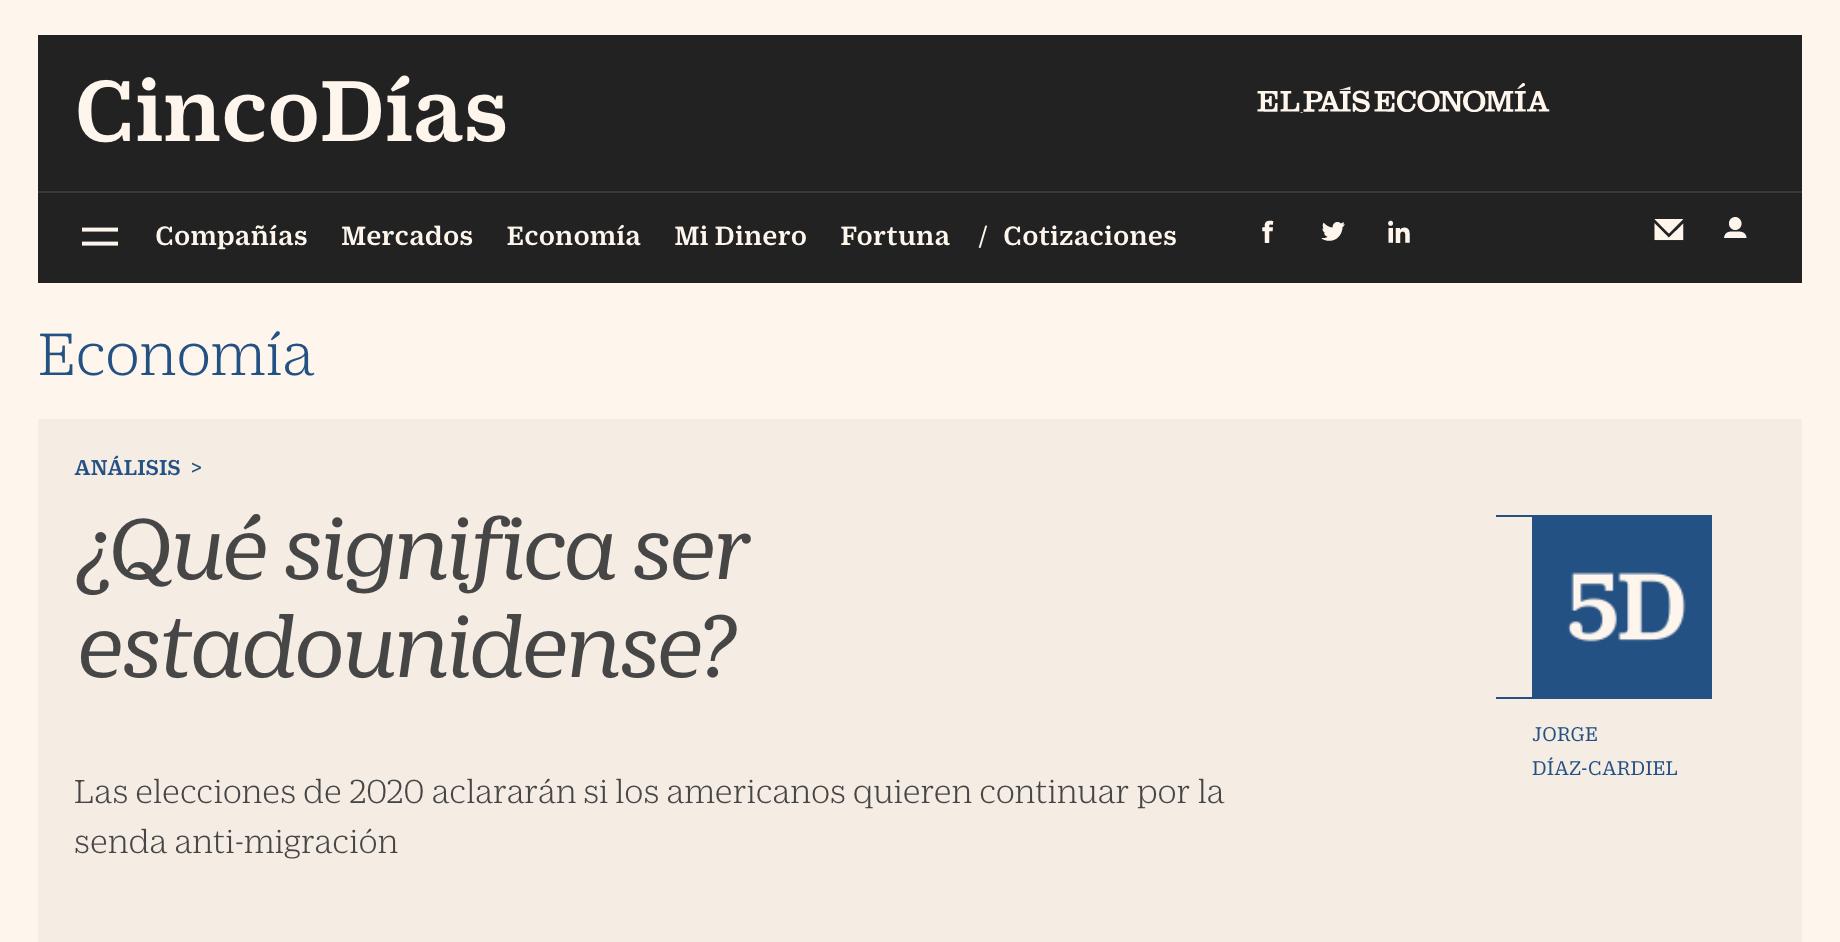 Article by Jorge Díaz-Cardiel in Cinco Días